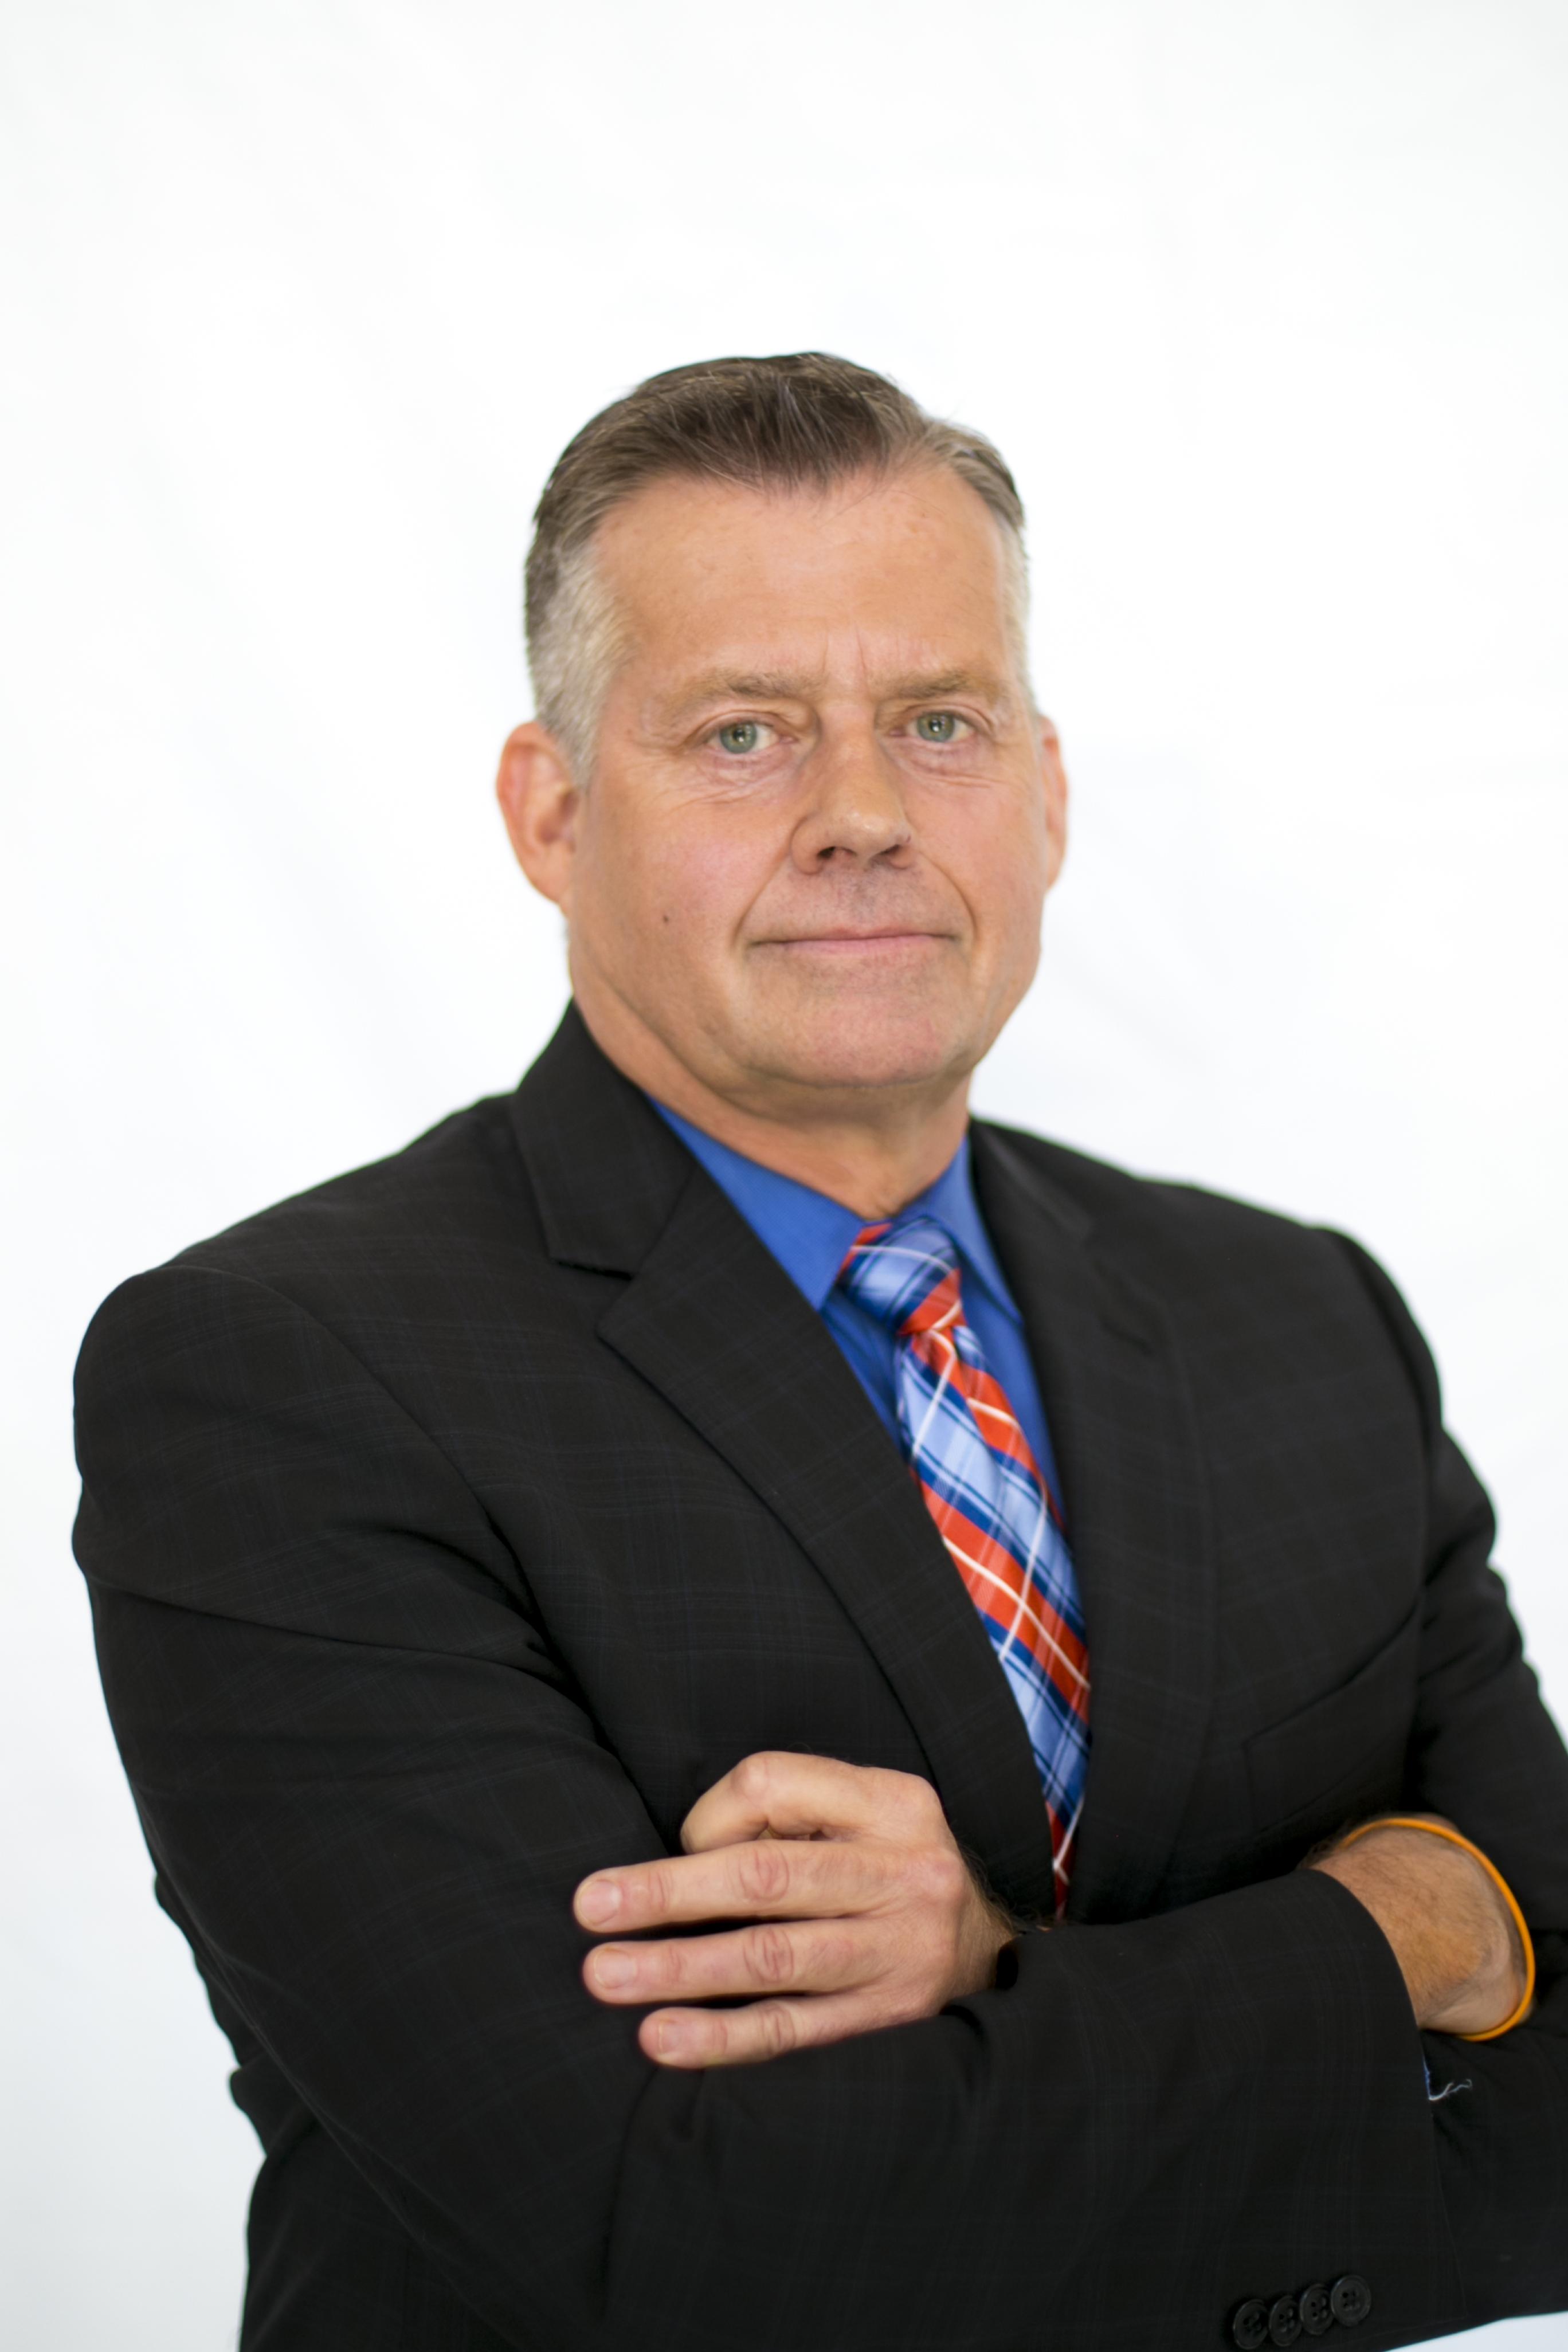 Steven P. Miner